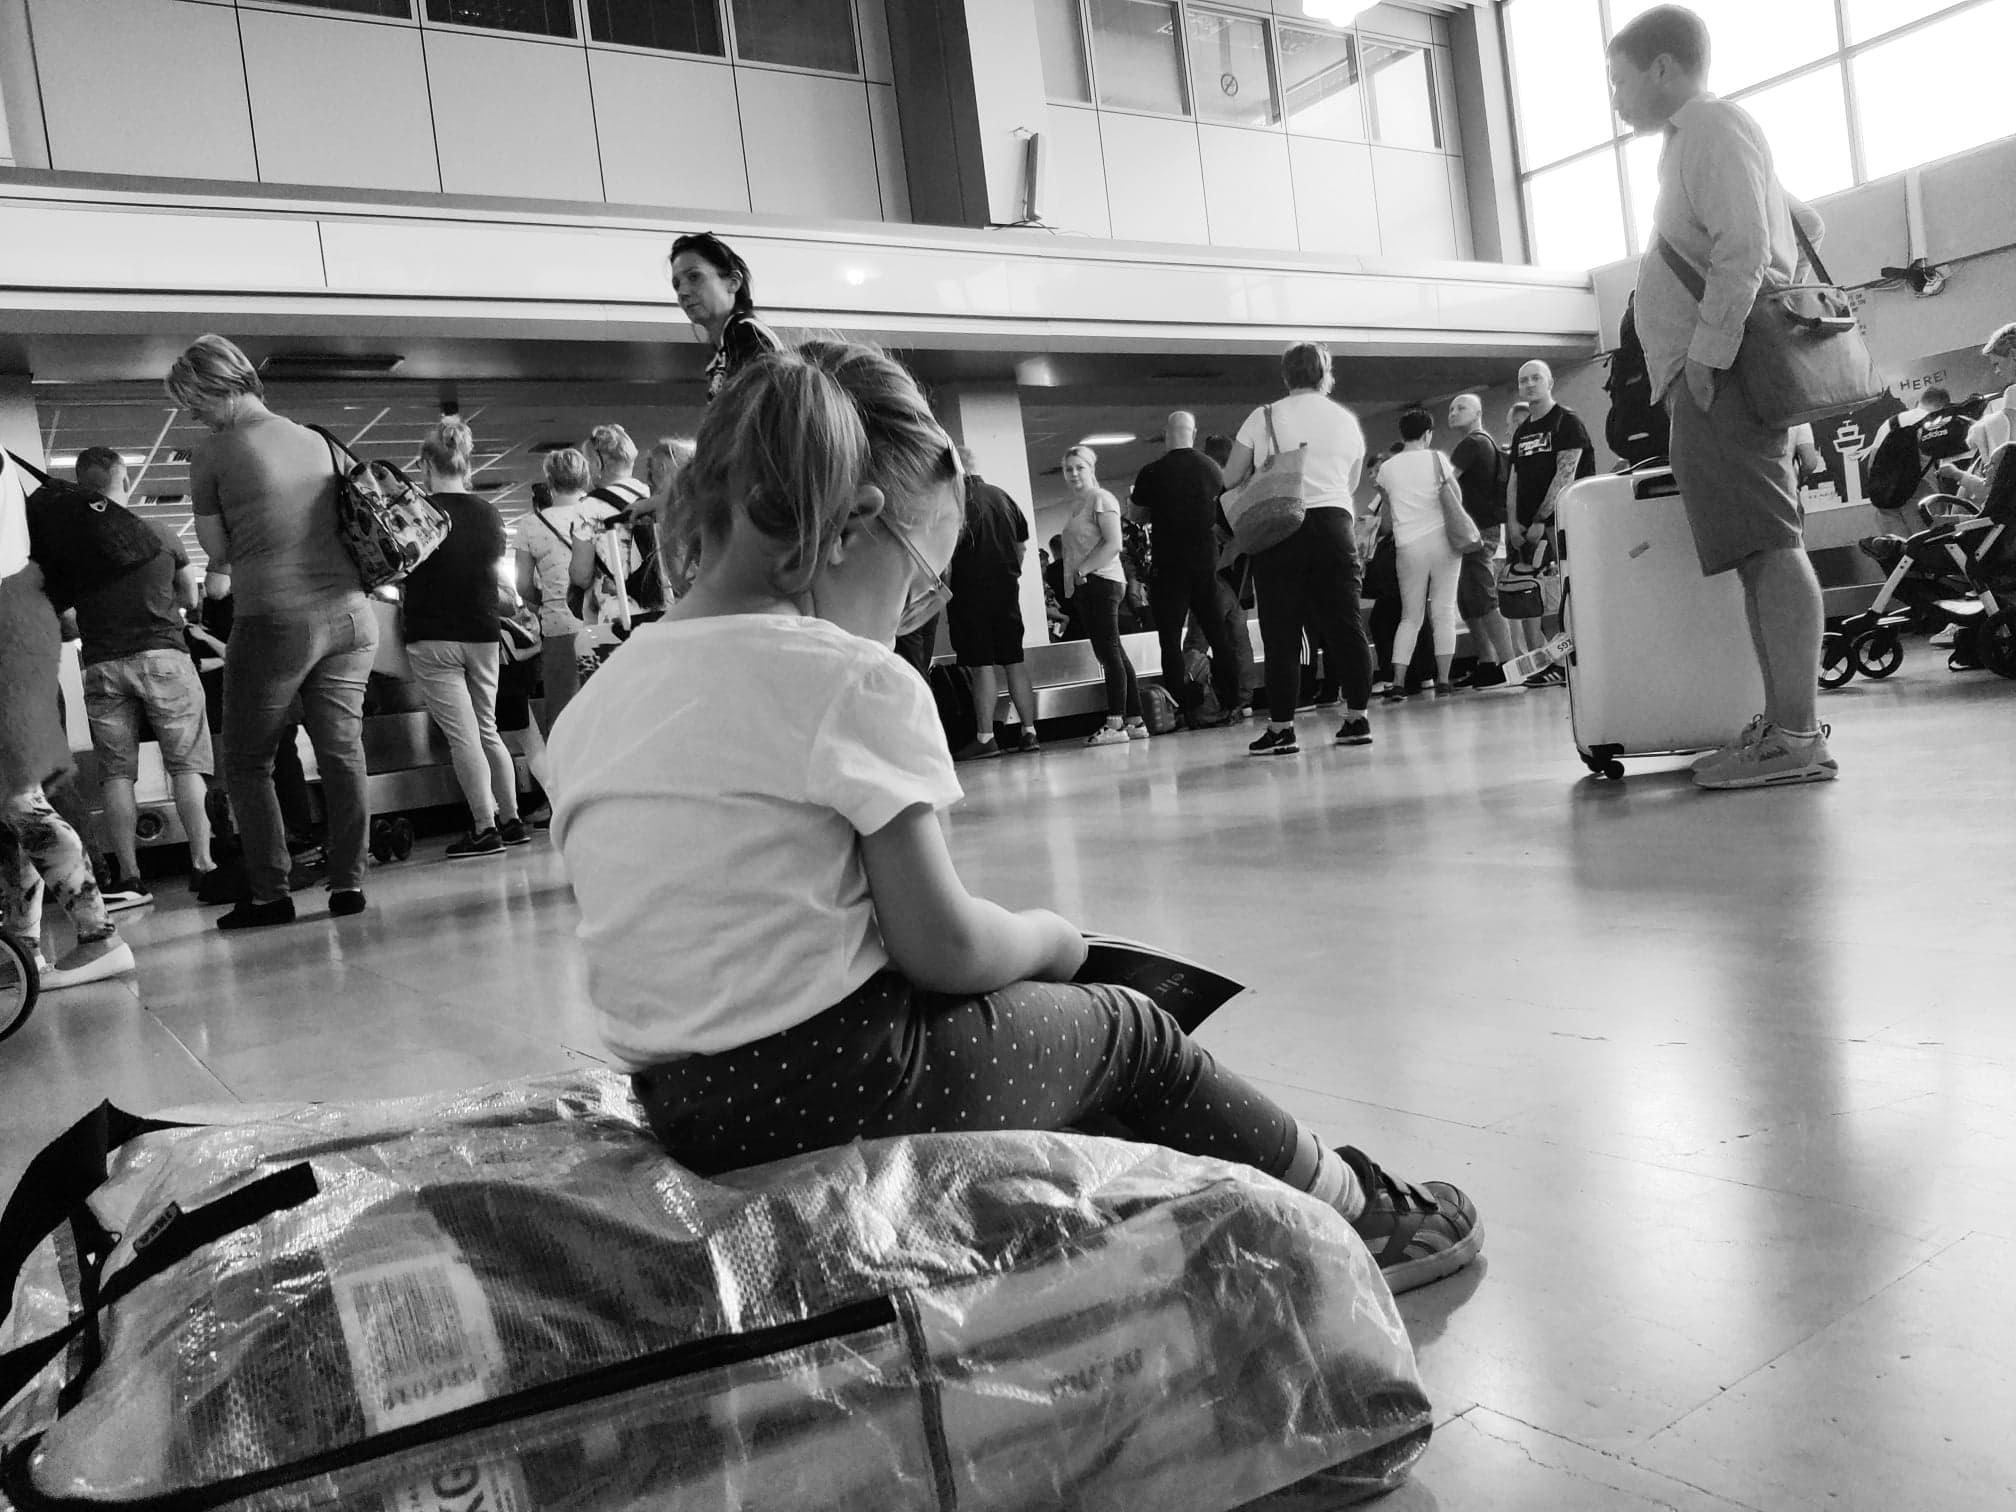 Lot Samolotem A Choroby Dowiedz Się Kiedy Nie Wsiądziesz Na Pokład Portal Dla Kobiet